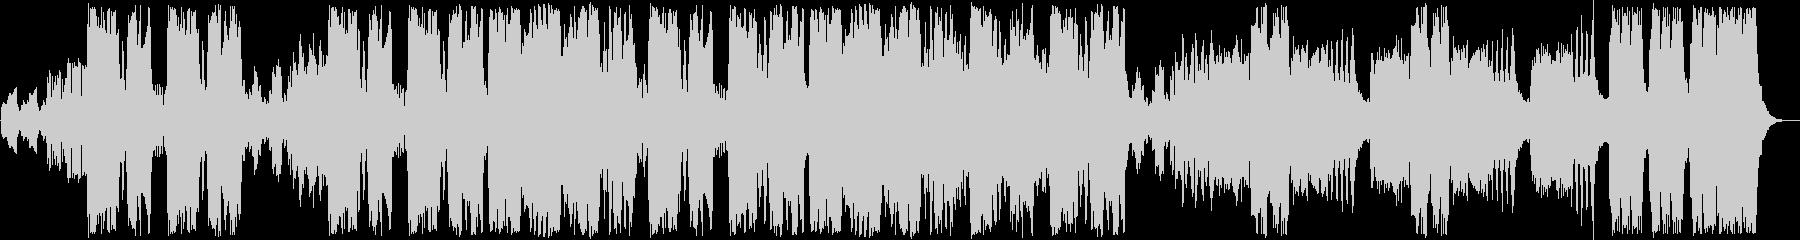 結婚行進曲/メンデルスゾーンの未再生の波形